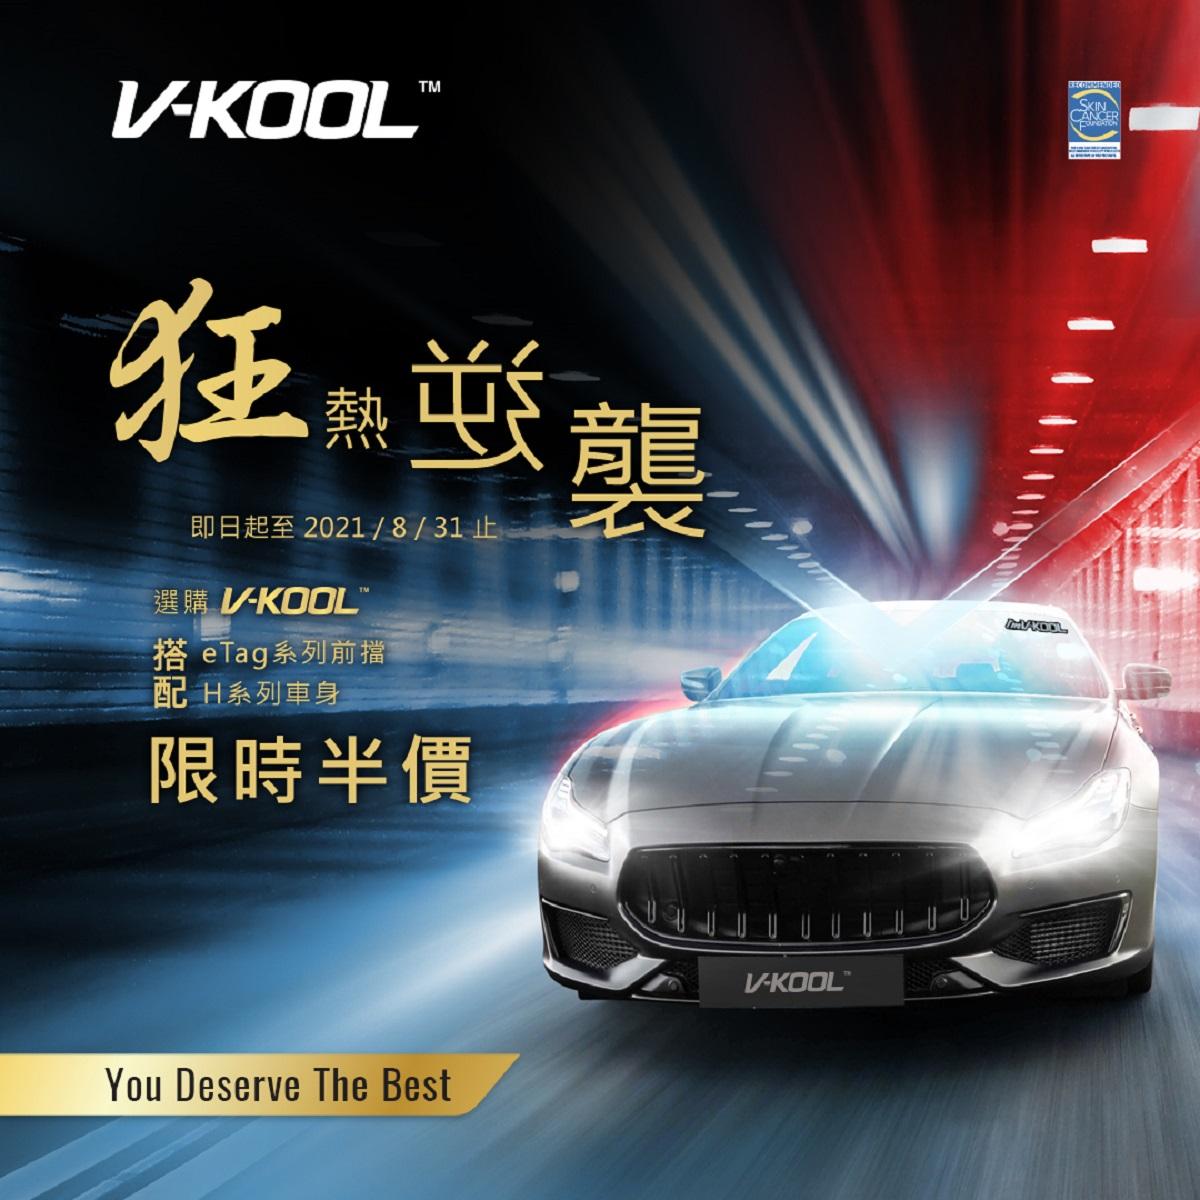 V-KOOL_限時半價_方圖-1200.jpg